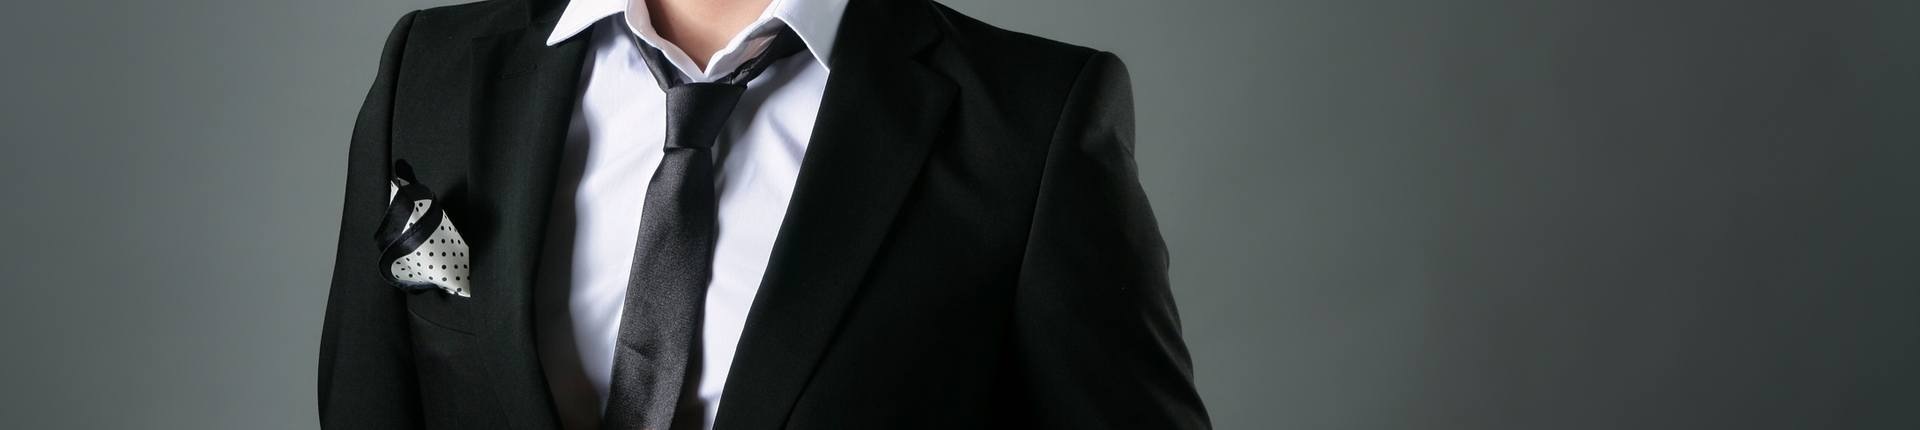 Biała koszula męska w super cenie!